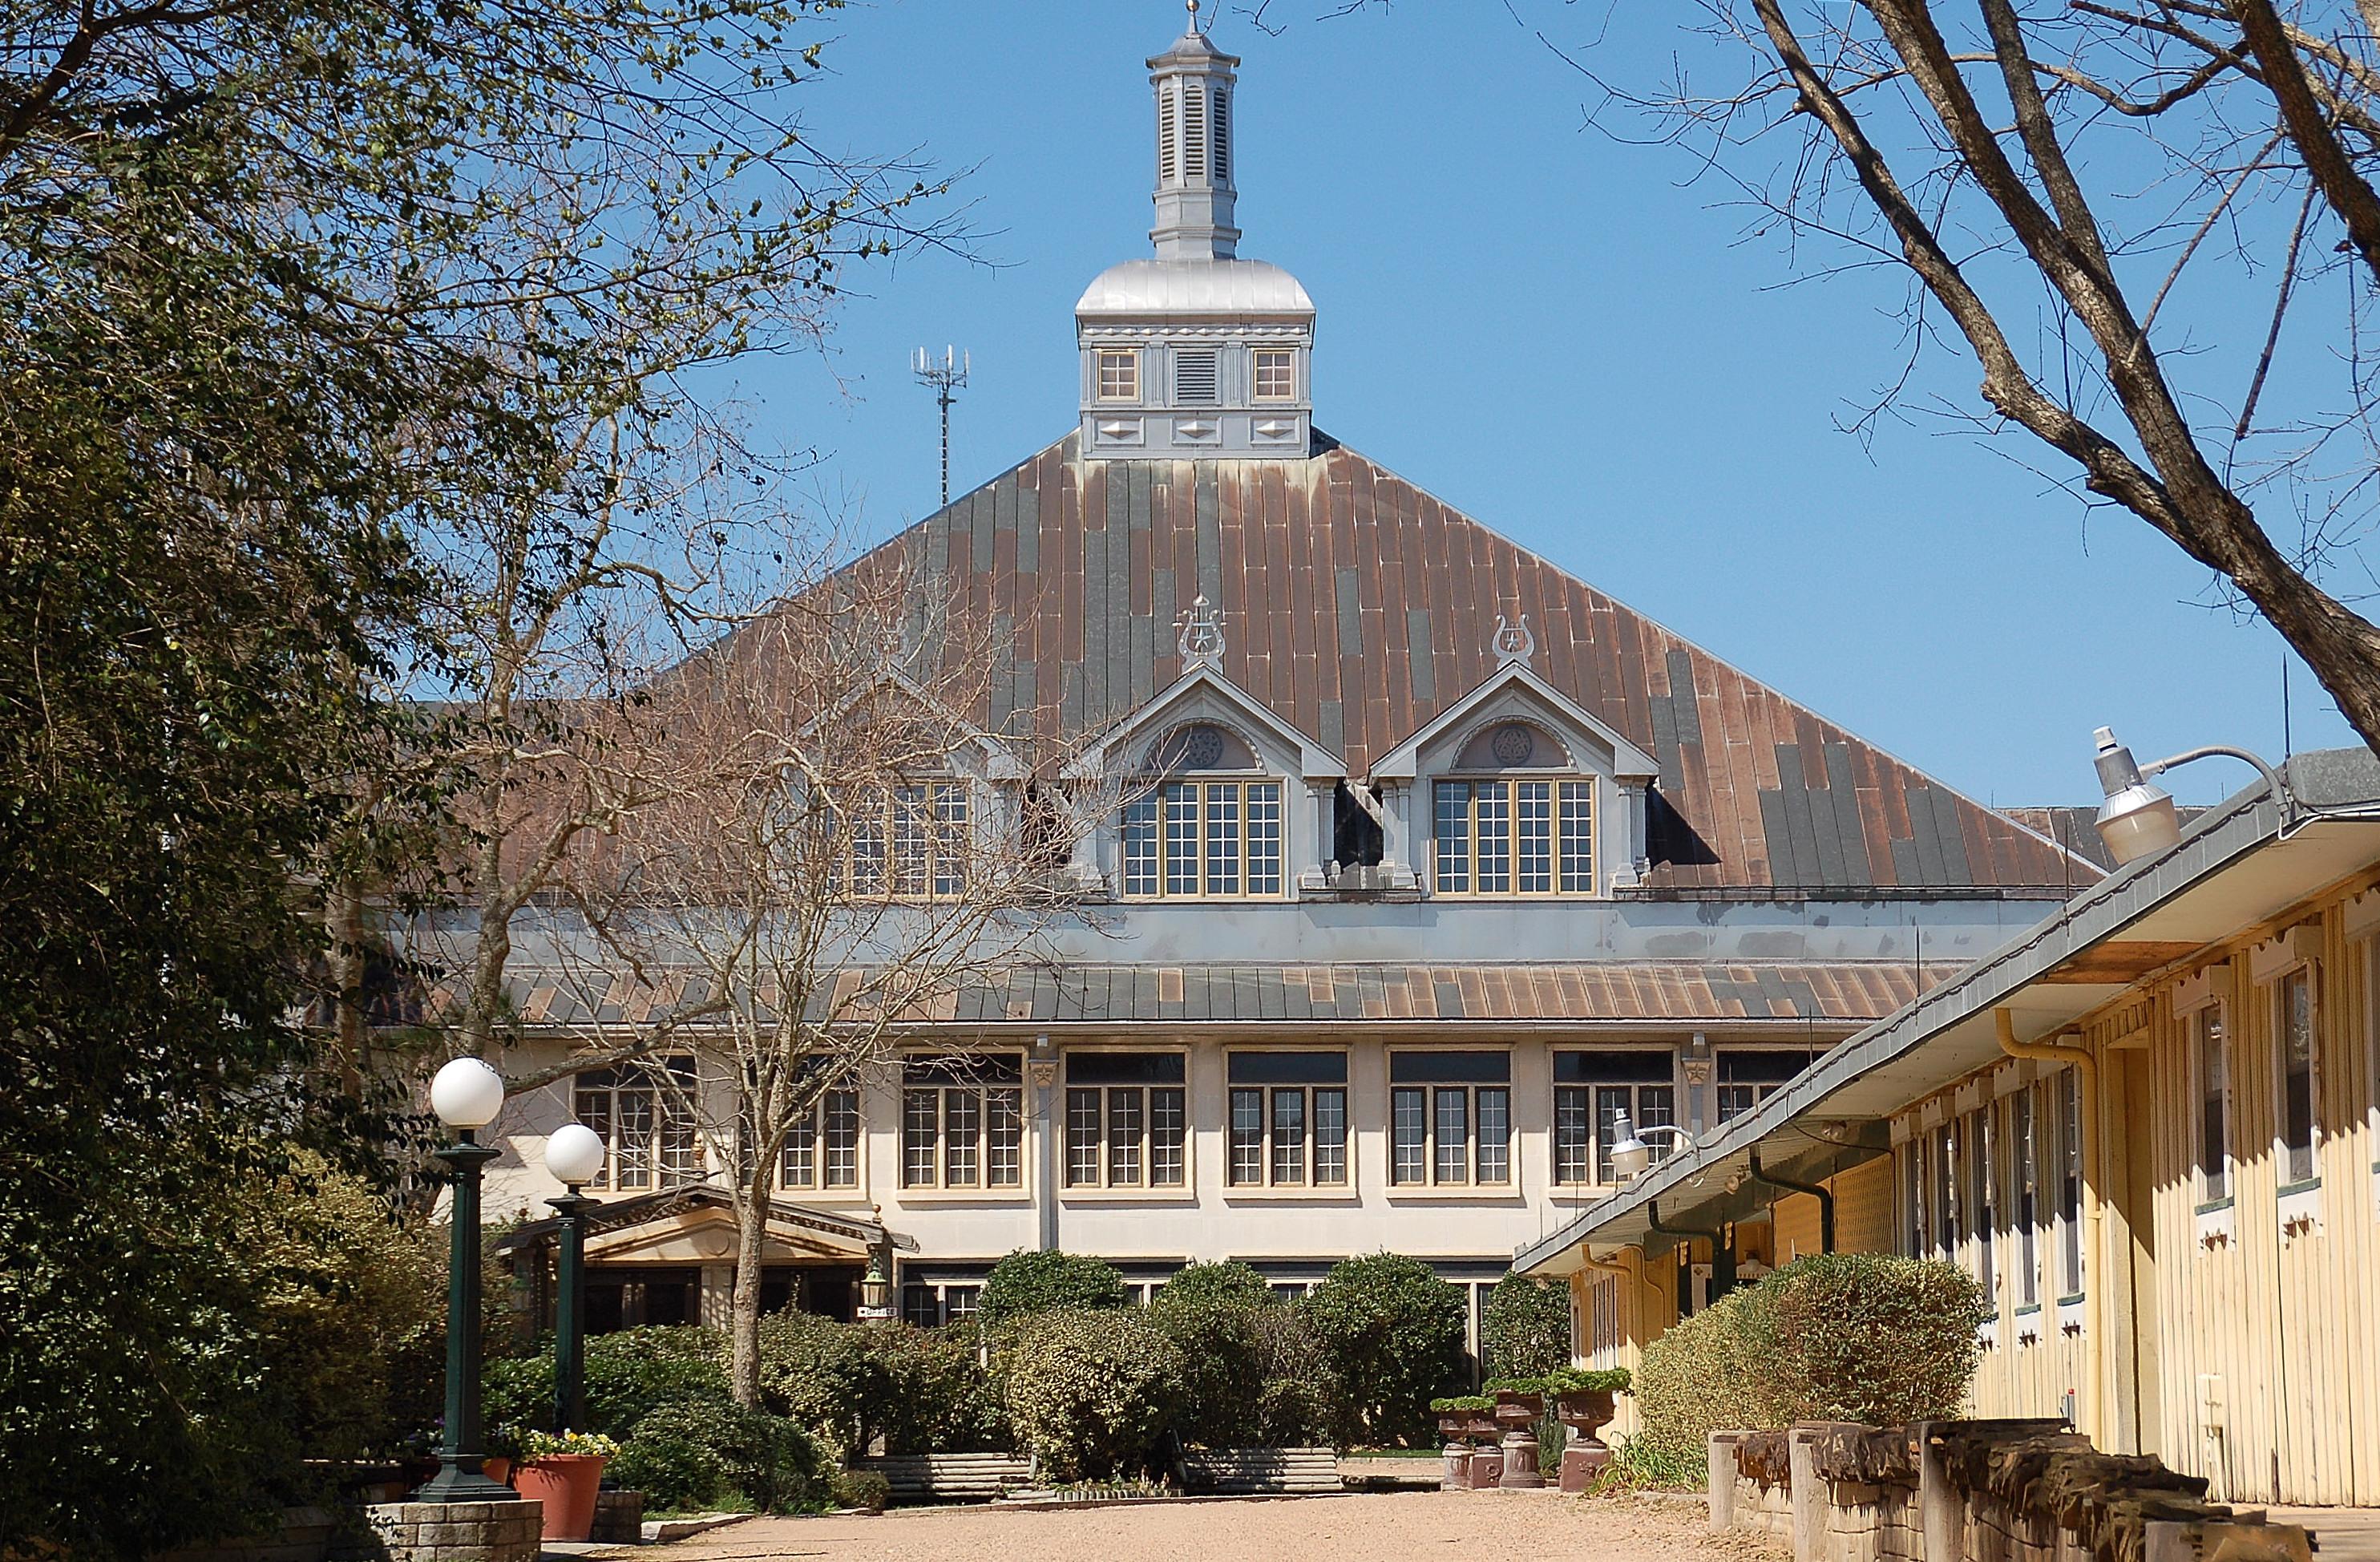 Round Top Festival Institute in Round Top, Texas